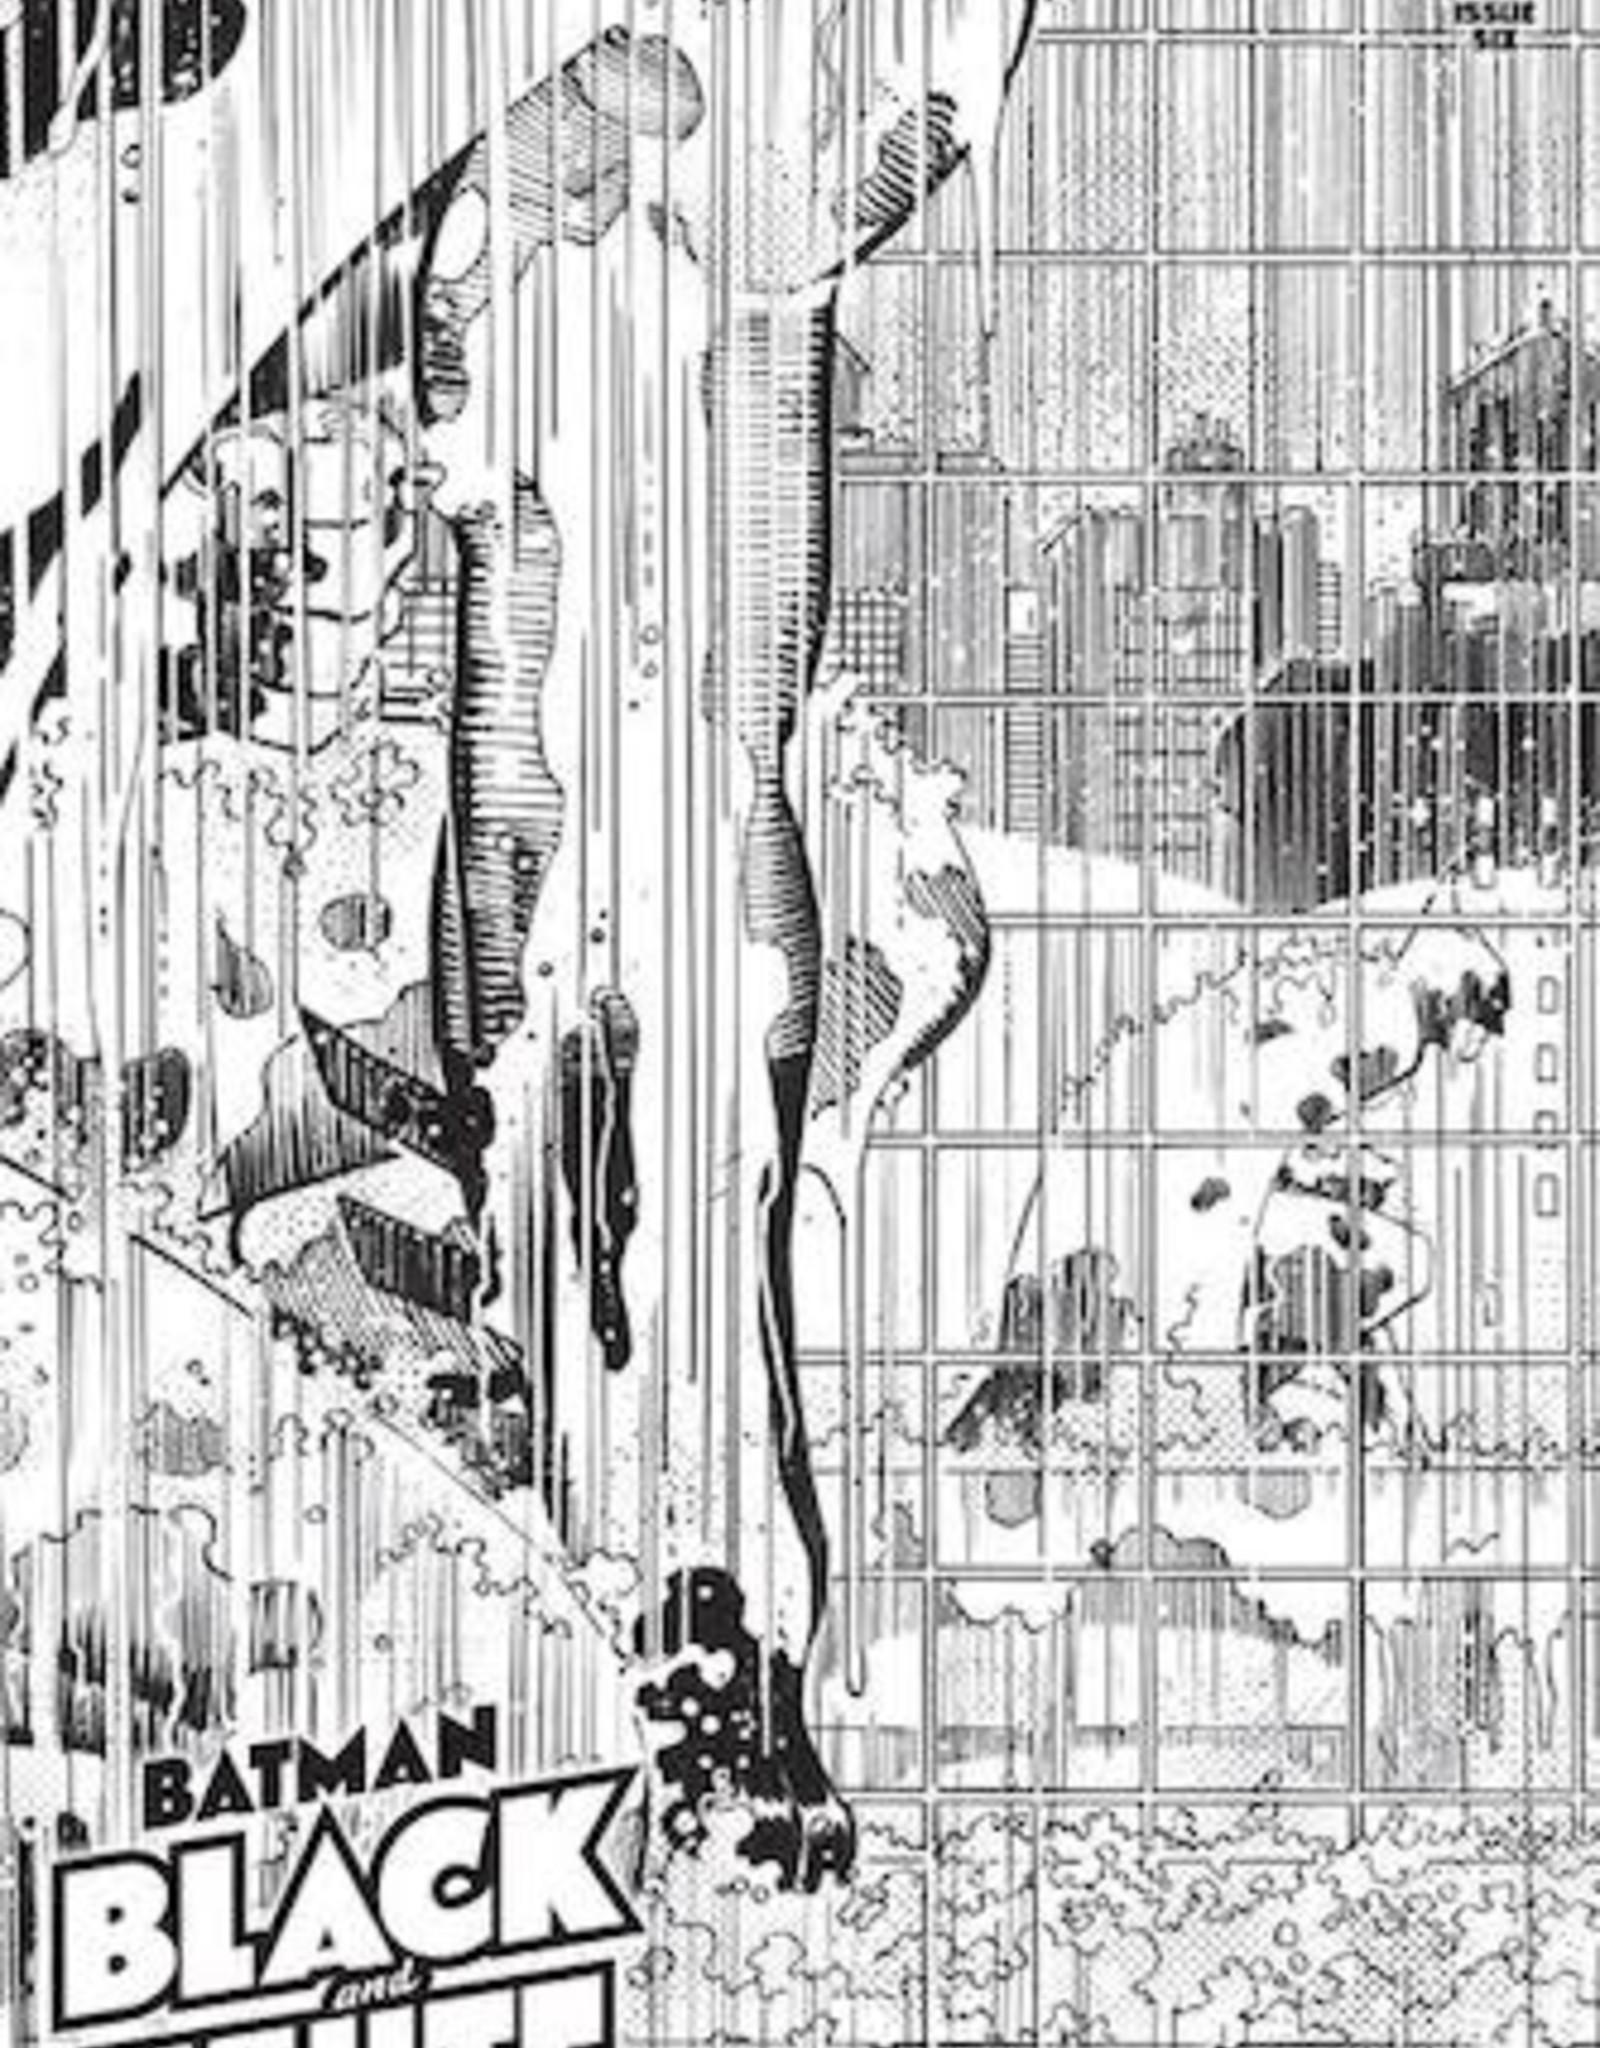 DC Comics Batman Black And White #6 Cvr A John Romita Jr & Klaus Janson